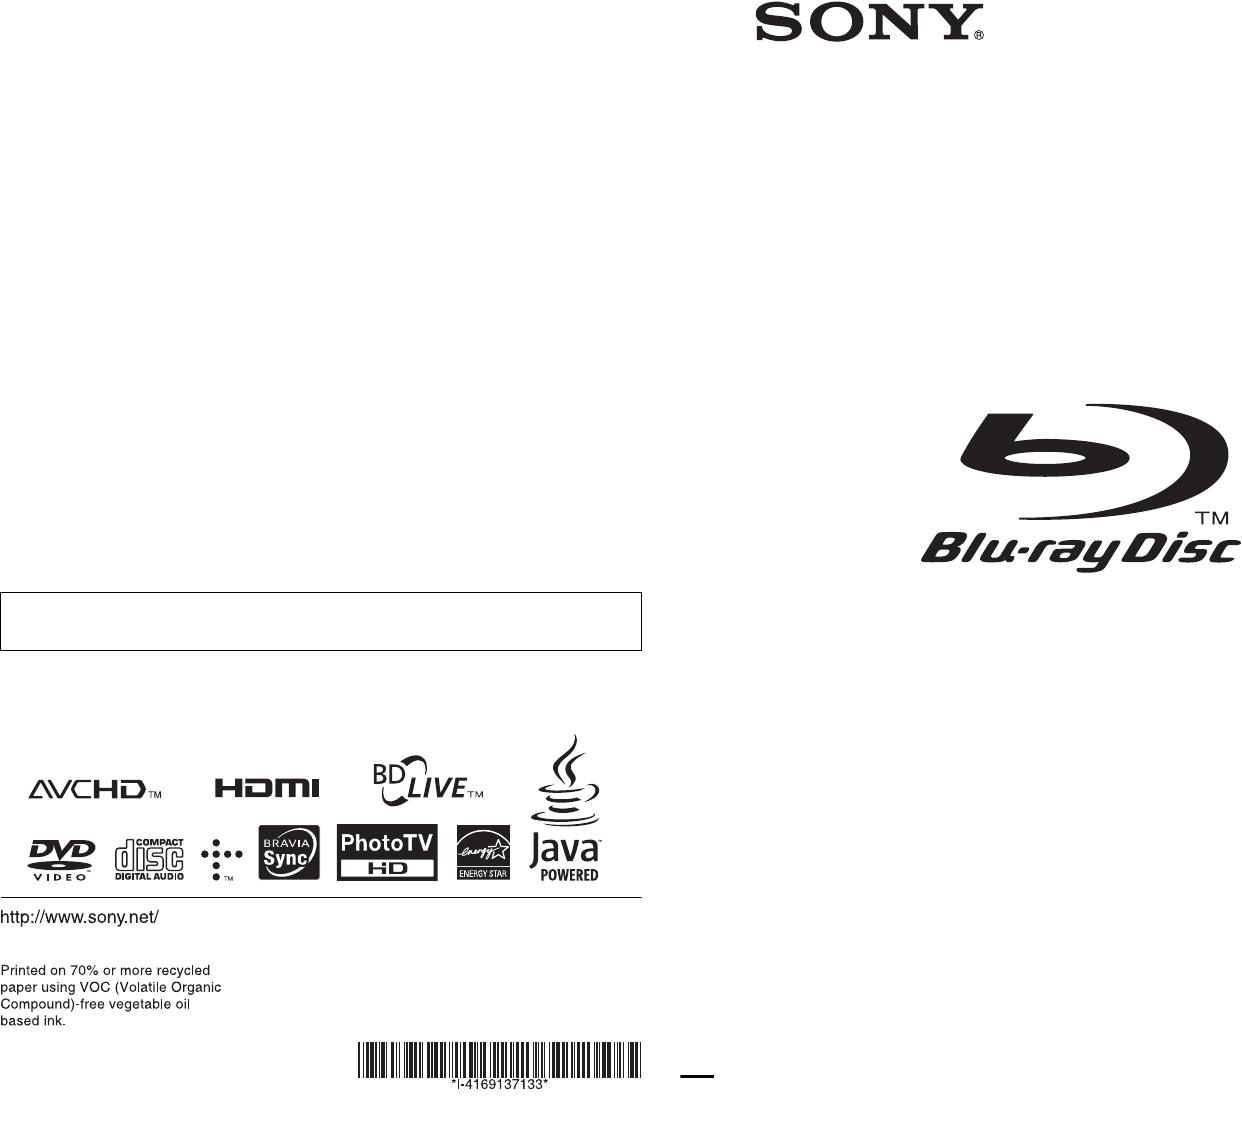 Bdp-s270 user manual